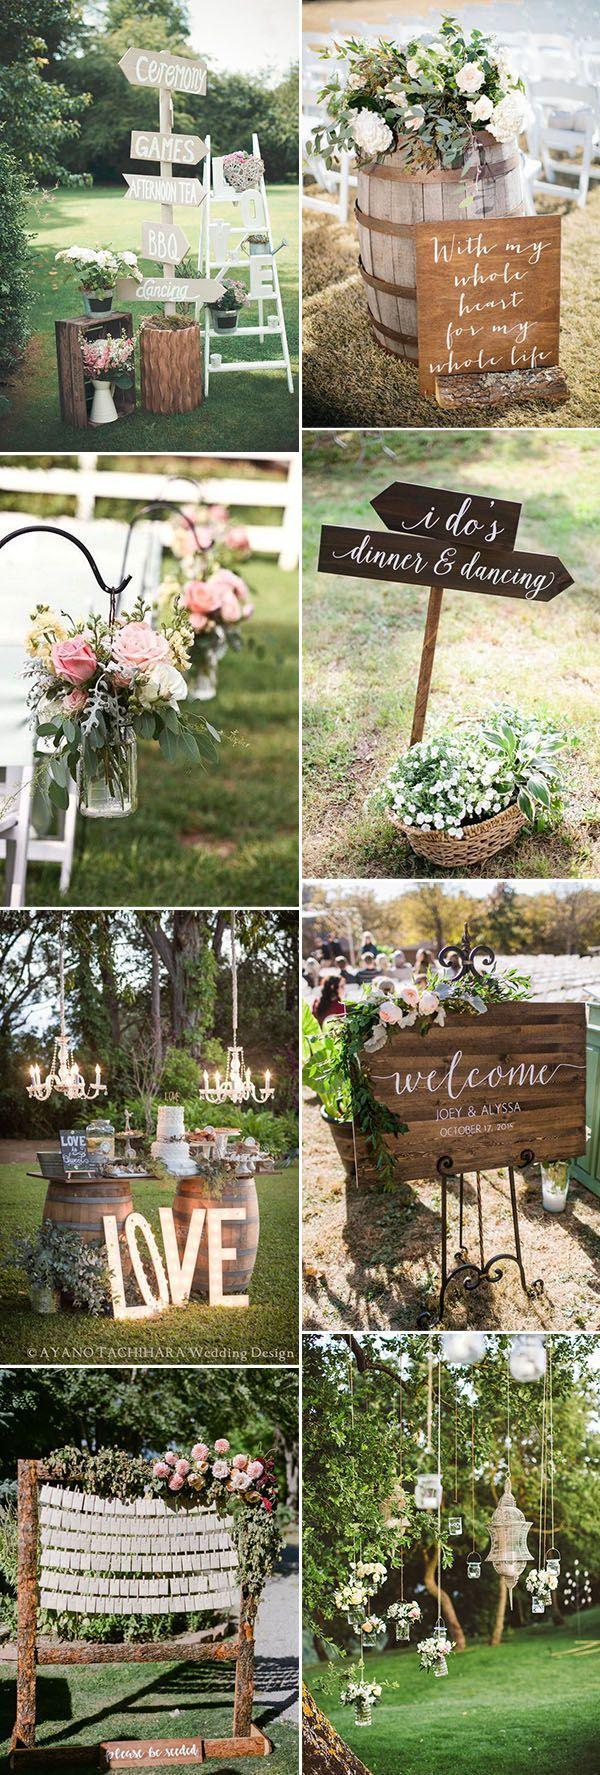 Hochzeitsdekor-Fotos: erstaunliche Gartenhochzeitsdekor-Ideen, die einfach zu